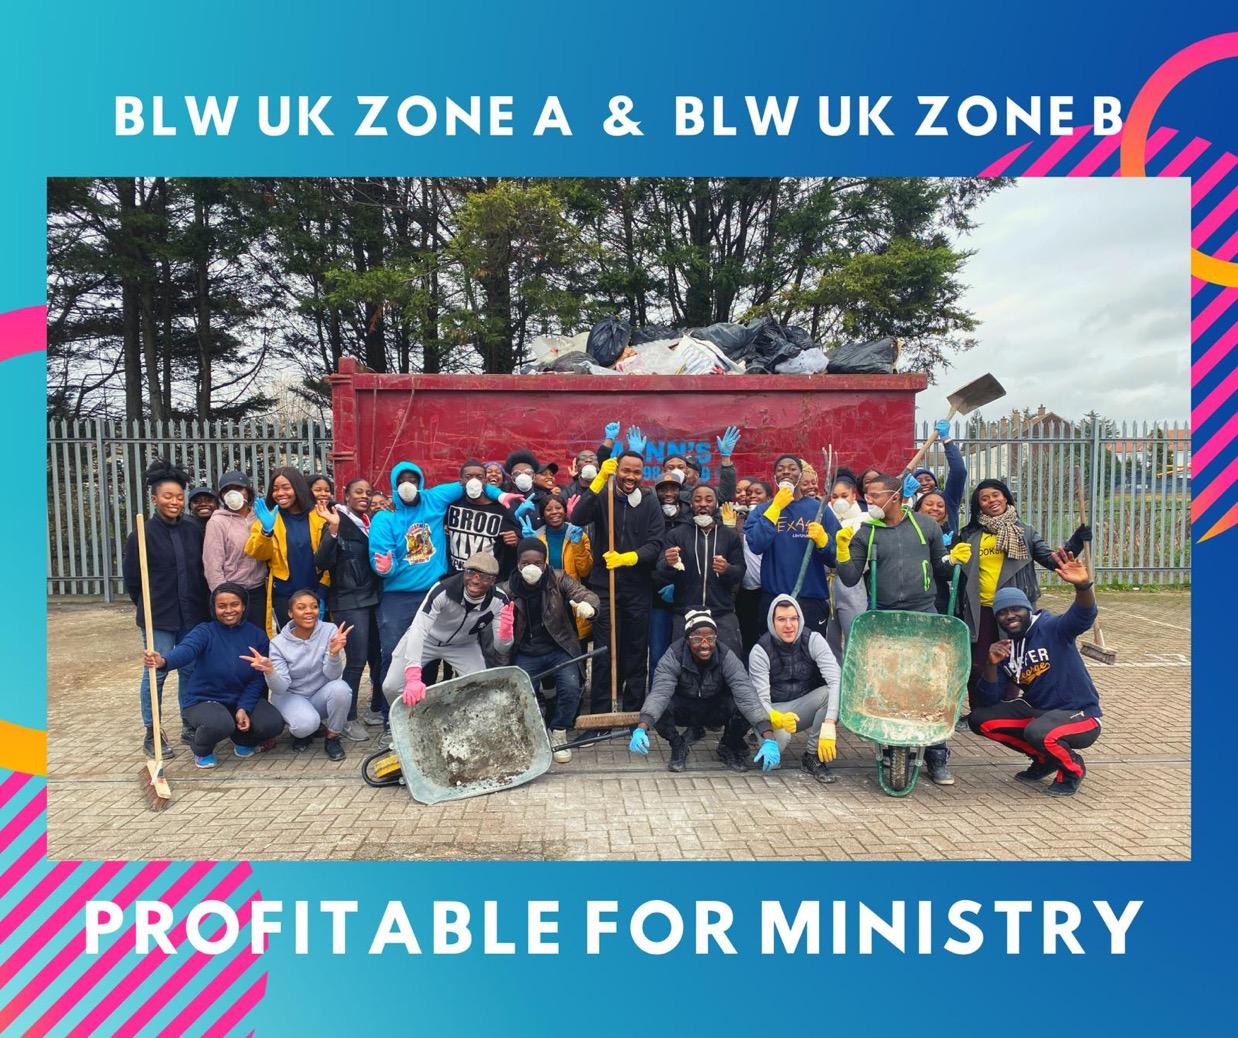 #ProfitableForMinistry #BLWukzoneA